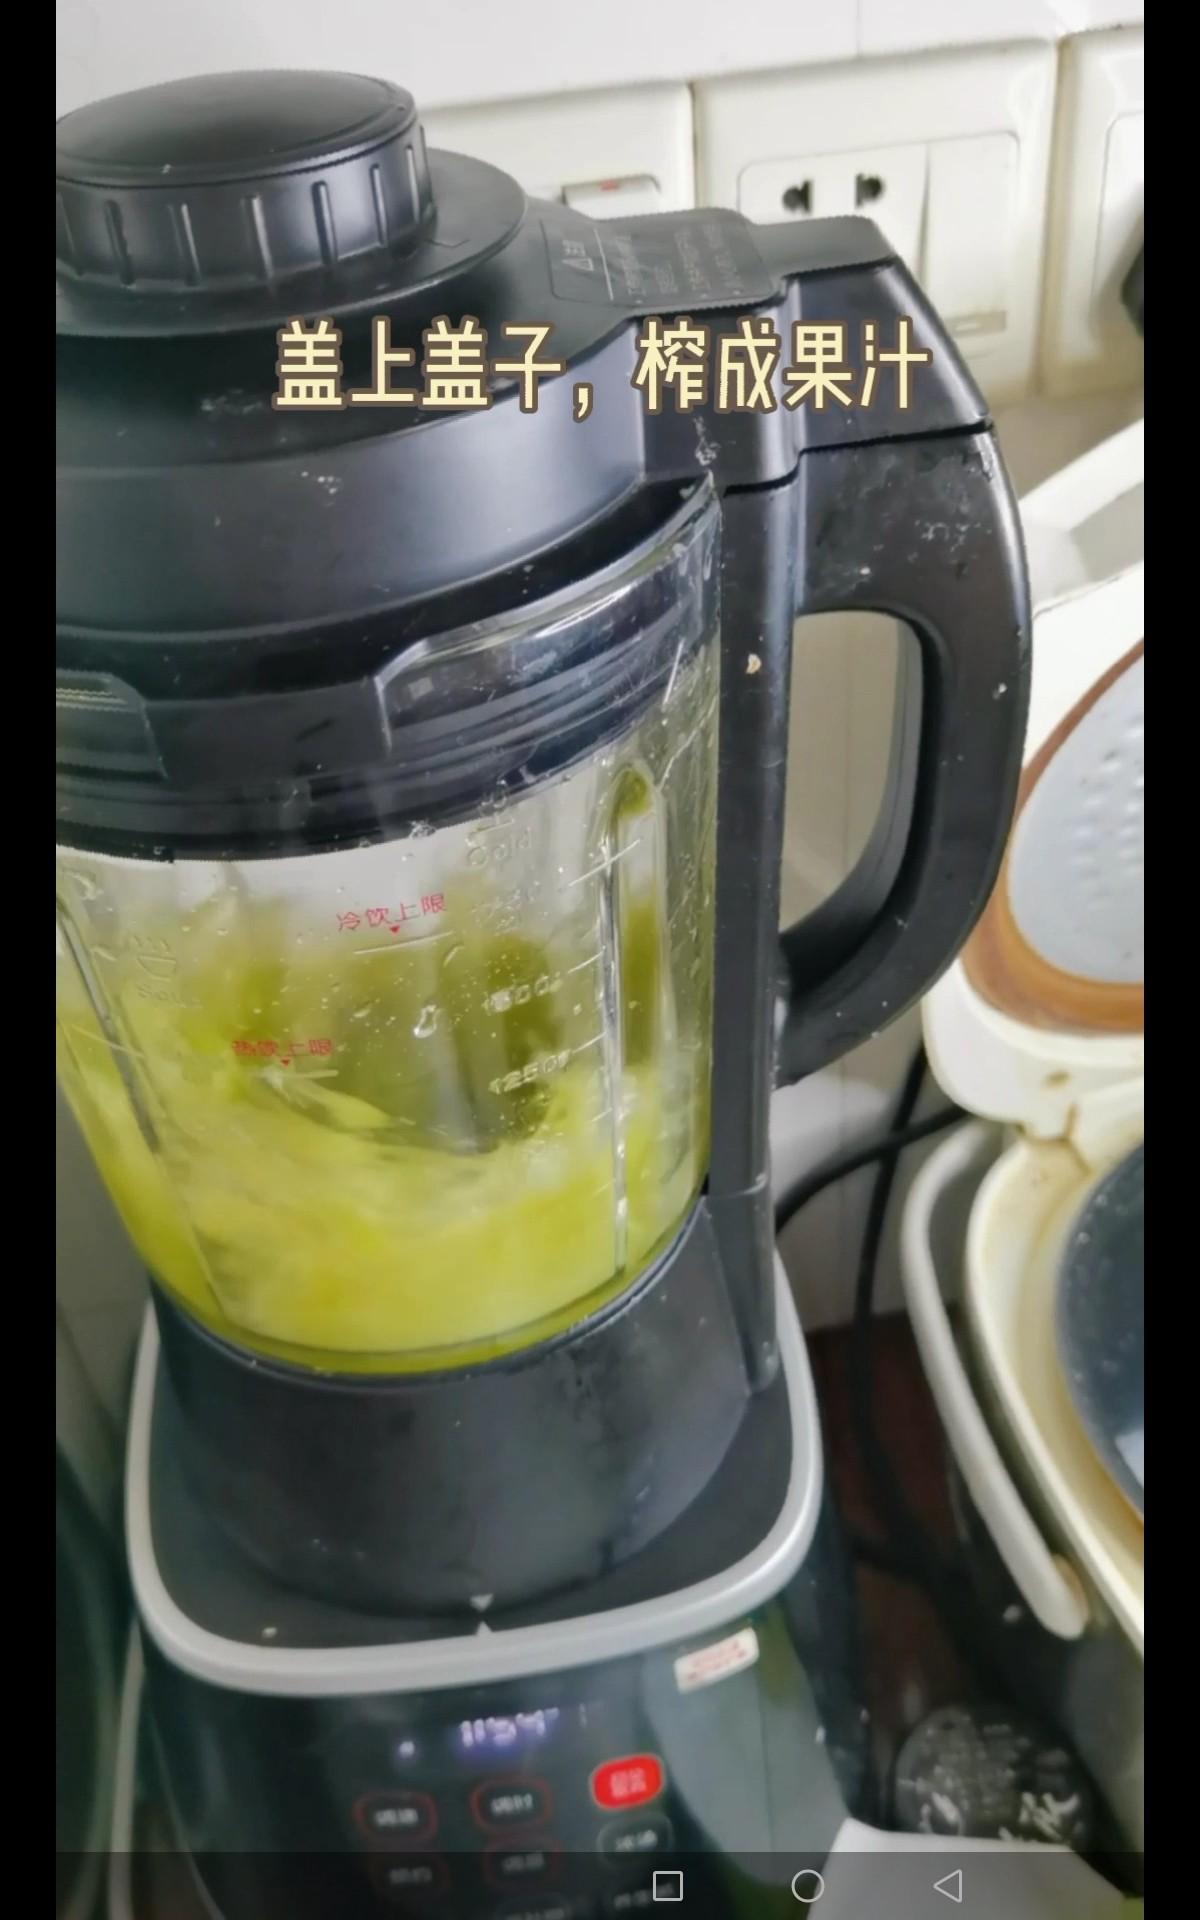 满杯葡萄乳酸菌的家常做法